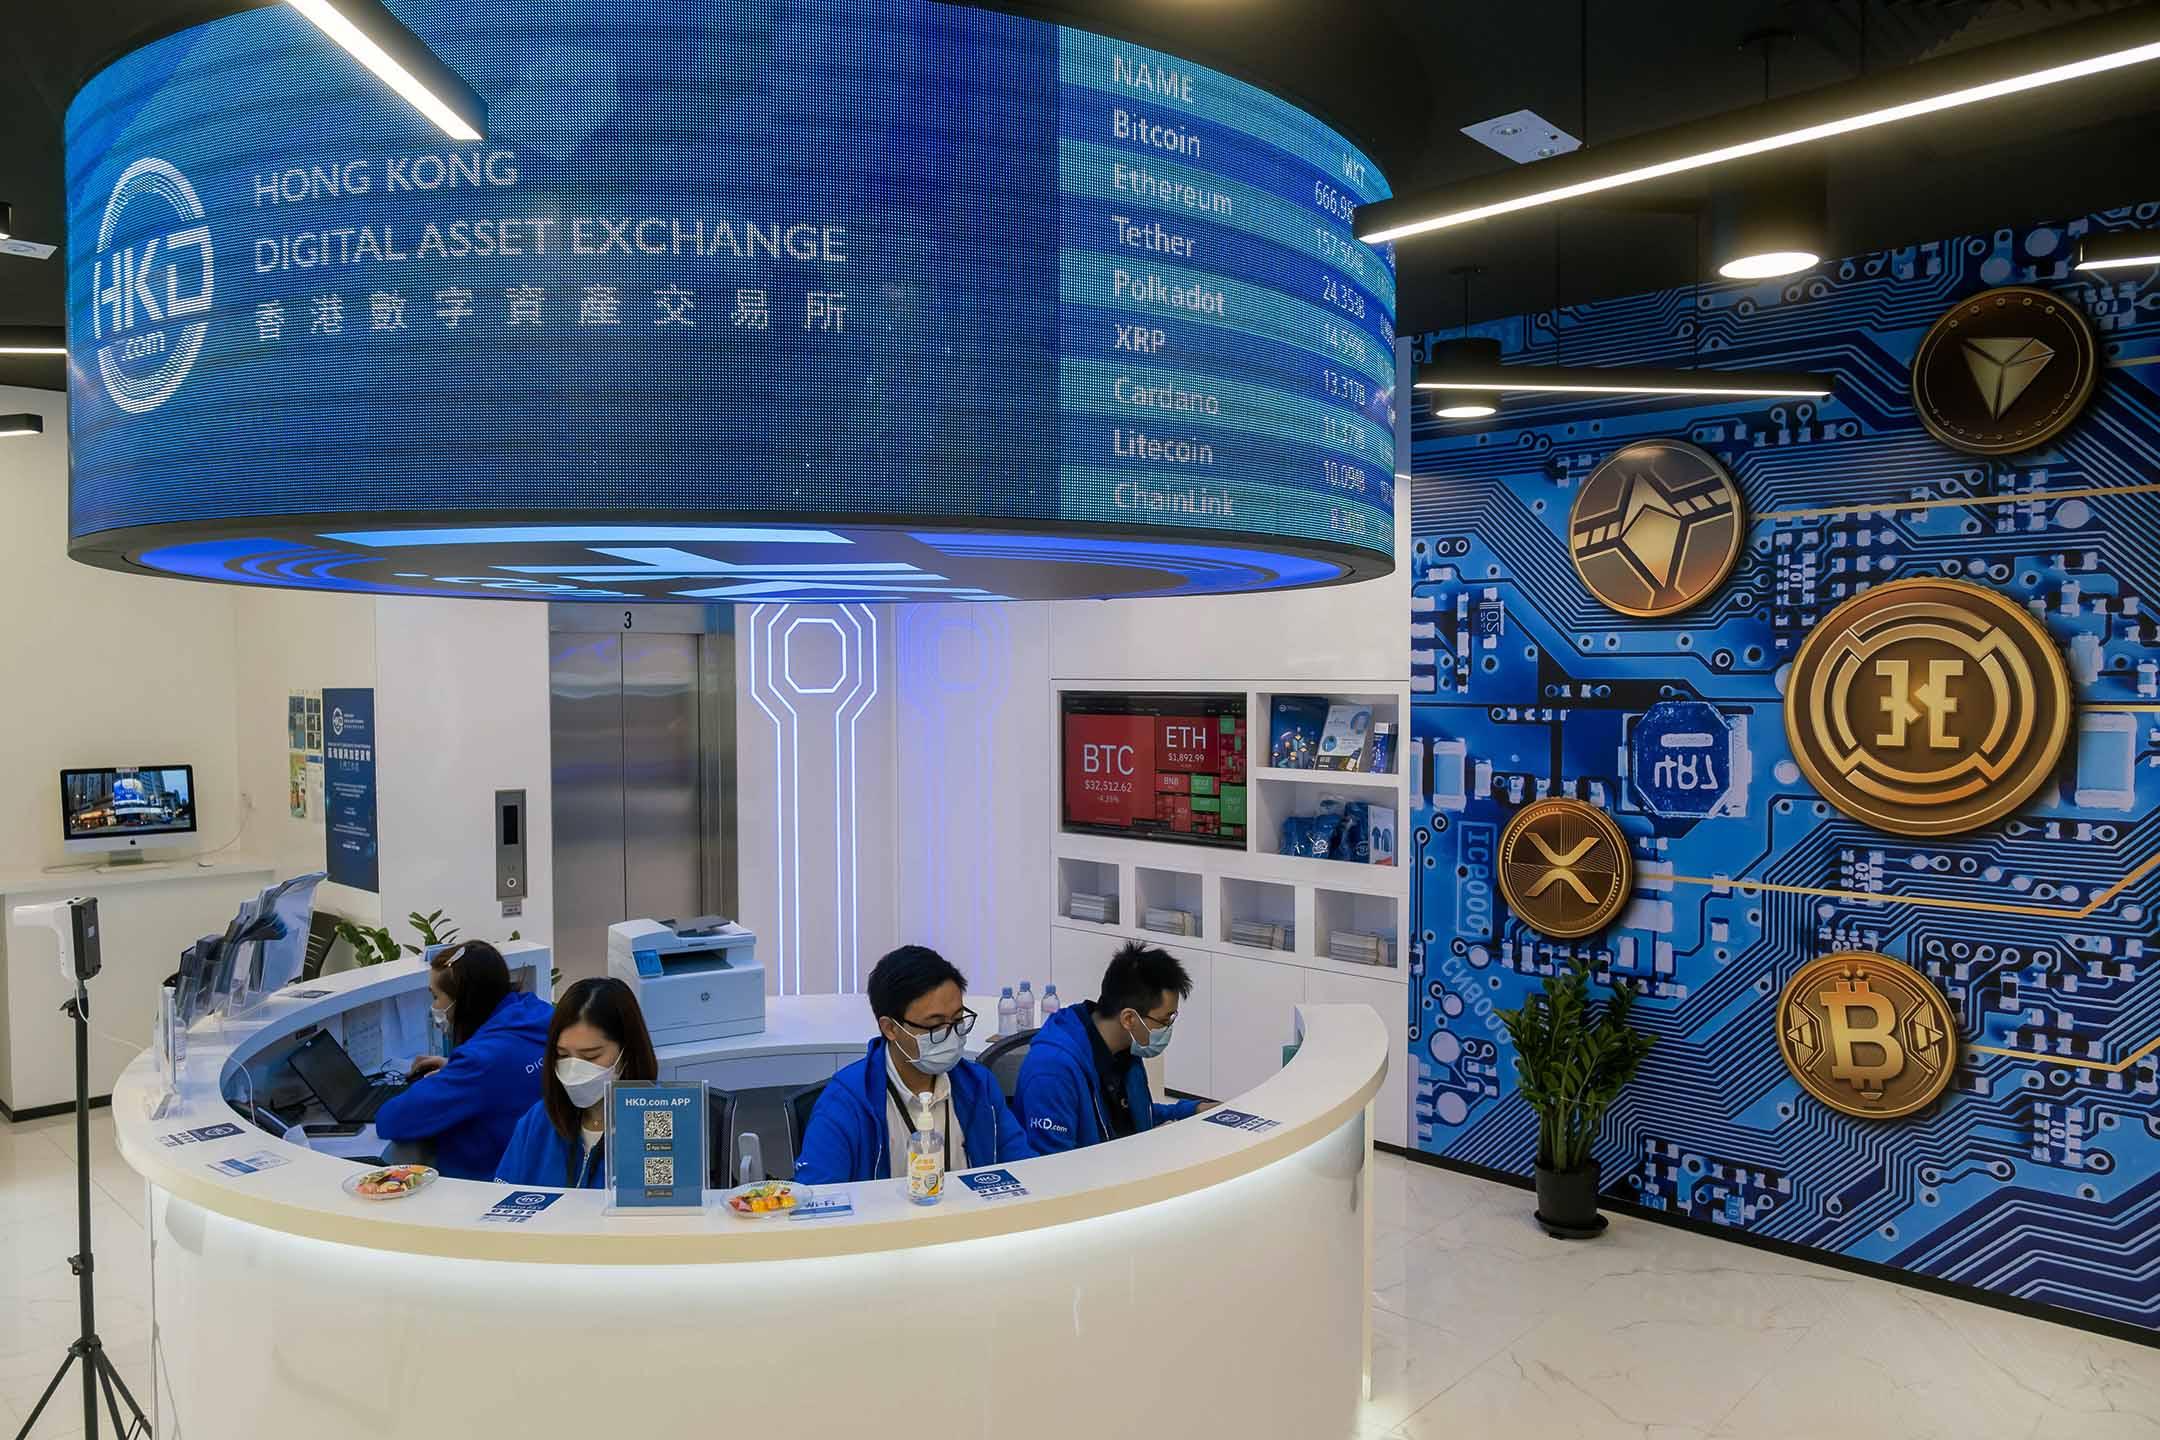 2021年6月24日香港,香港數字資產交易所。